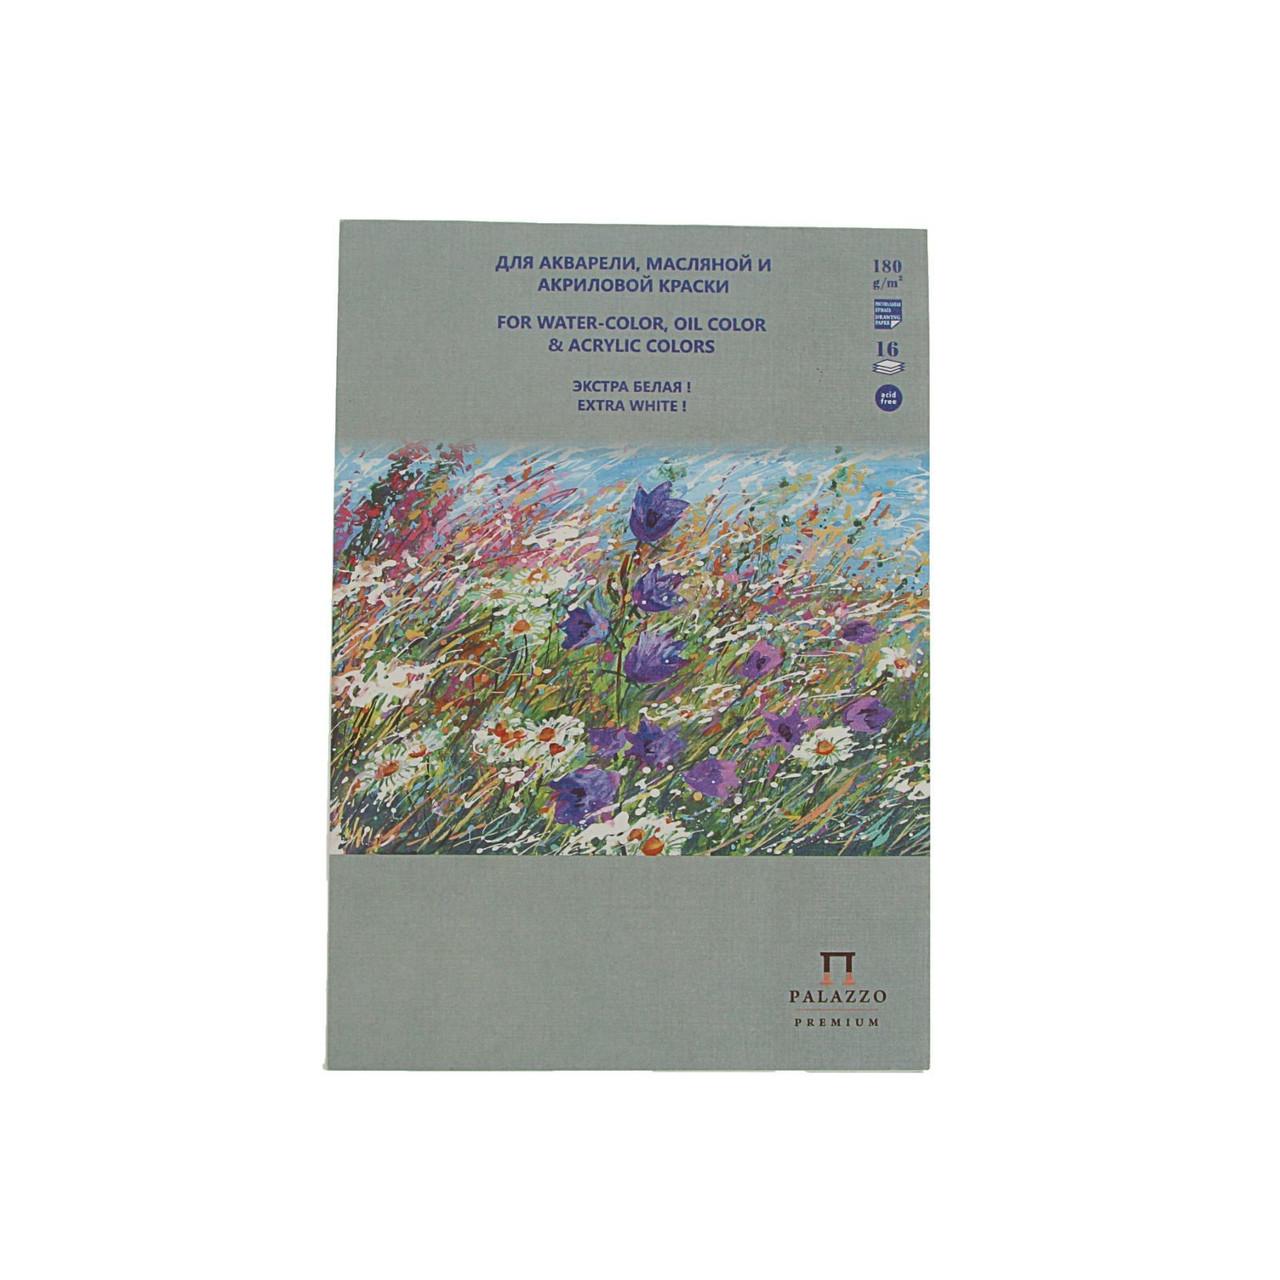 Планшет для акварельной, масляной и акриловой краски А4, 16 листов «Русское поле», блок 180 г/м²